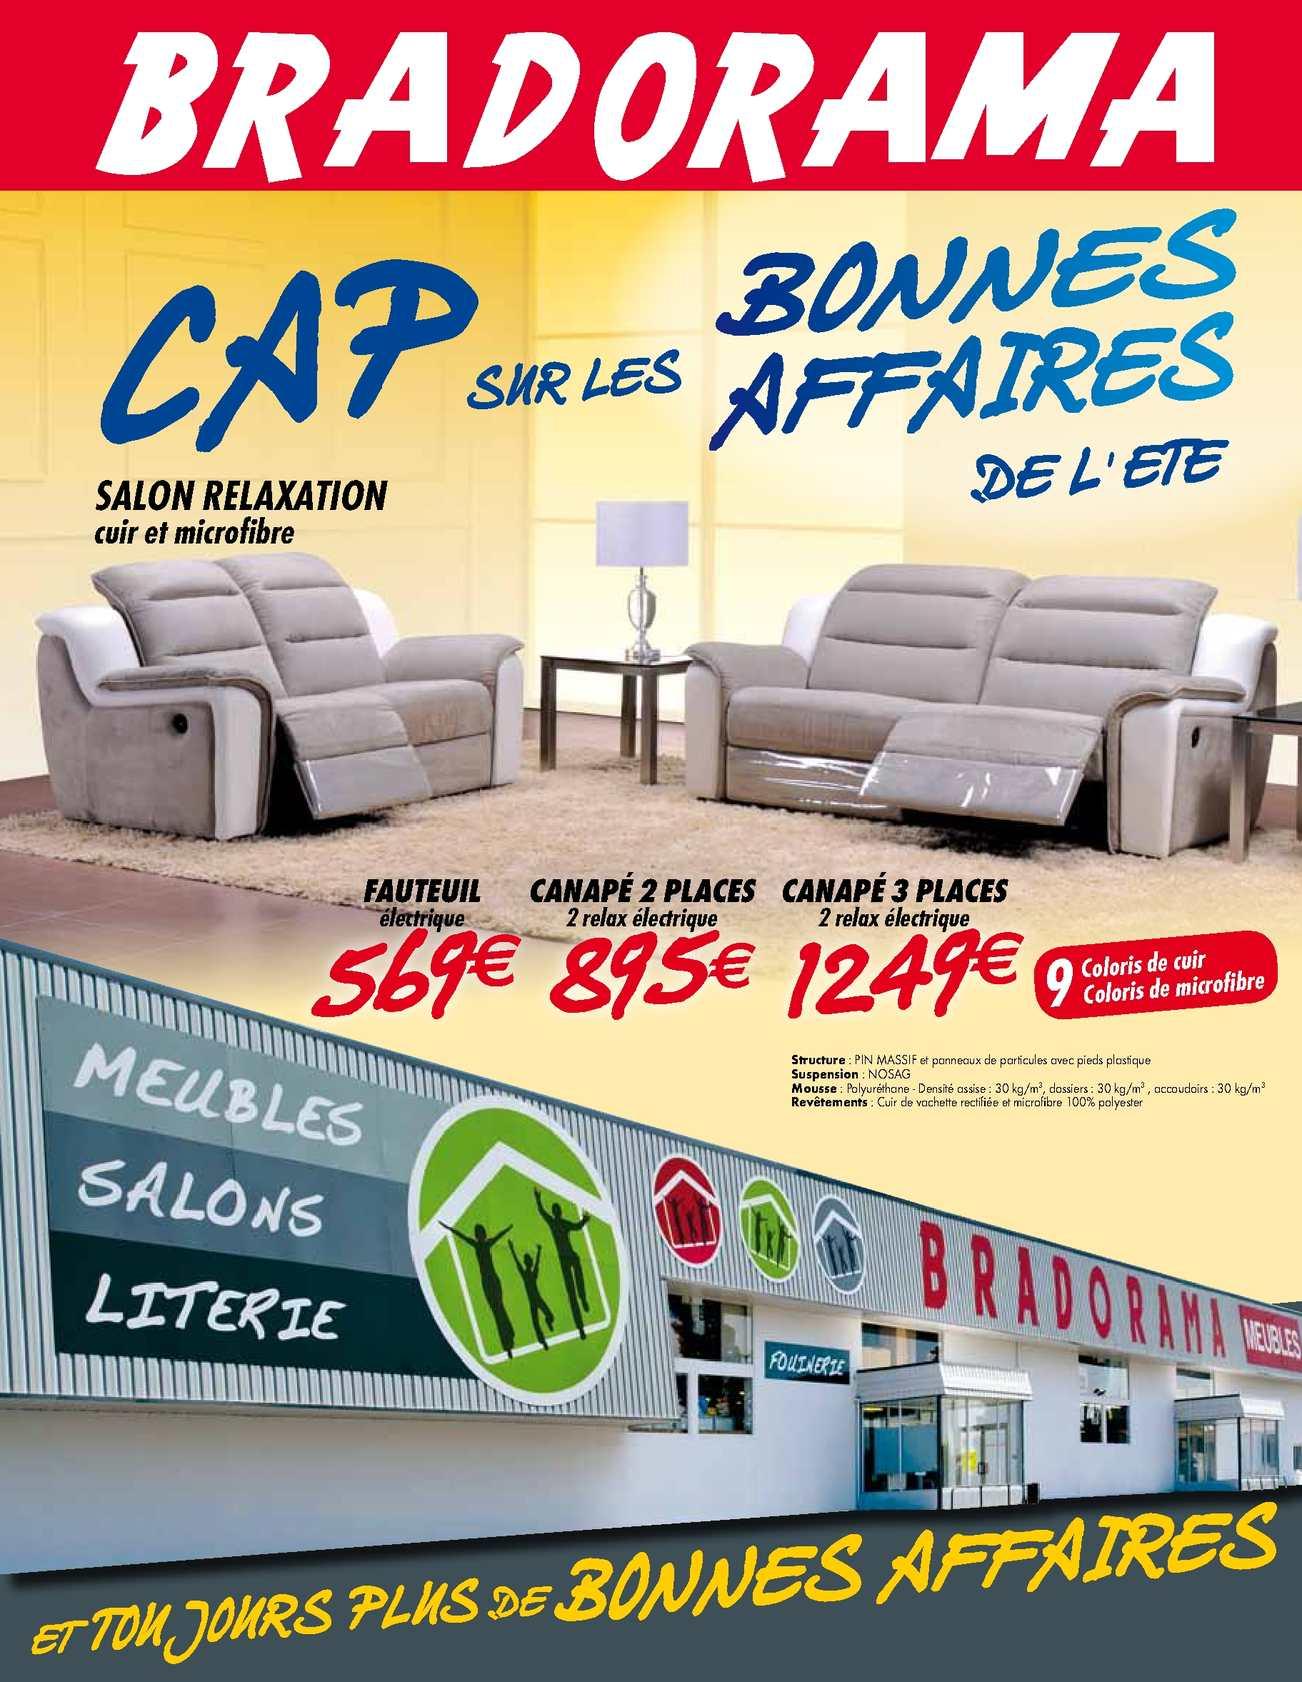 calam o bradorama cap sur les bonnes affaires de l 39 et valable jusqu 39 au 11 ao t 2012. Black Bedroom Furniture Sets. Home Design Ideas